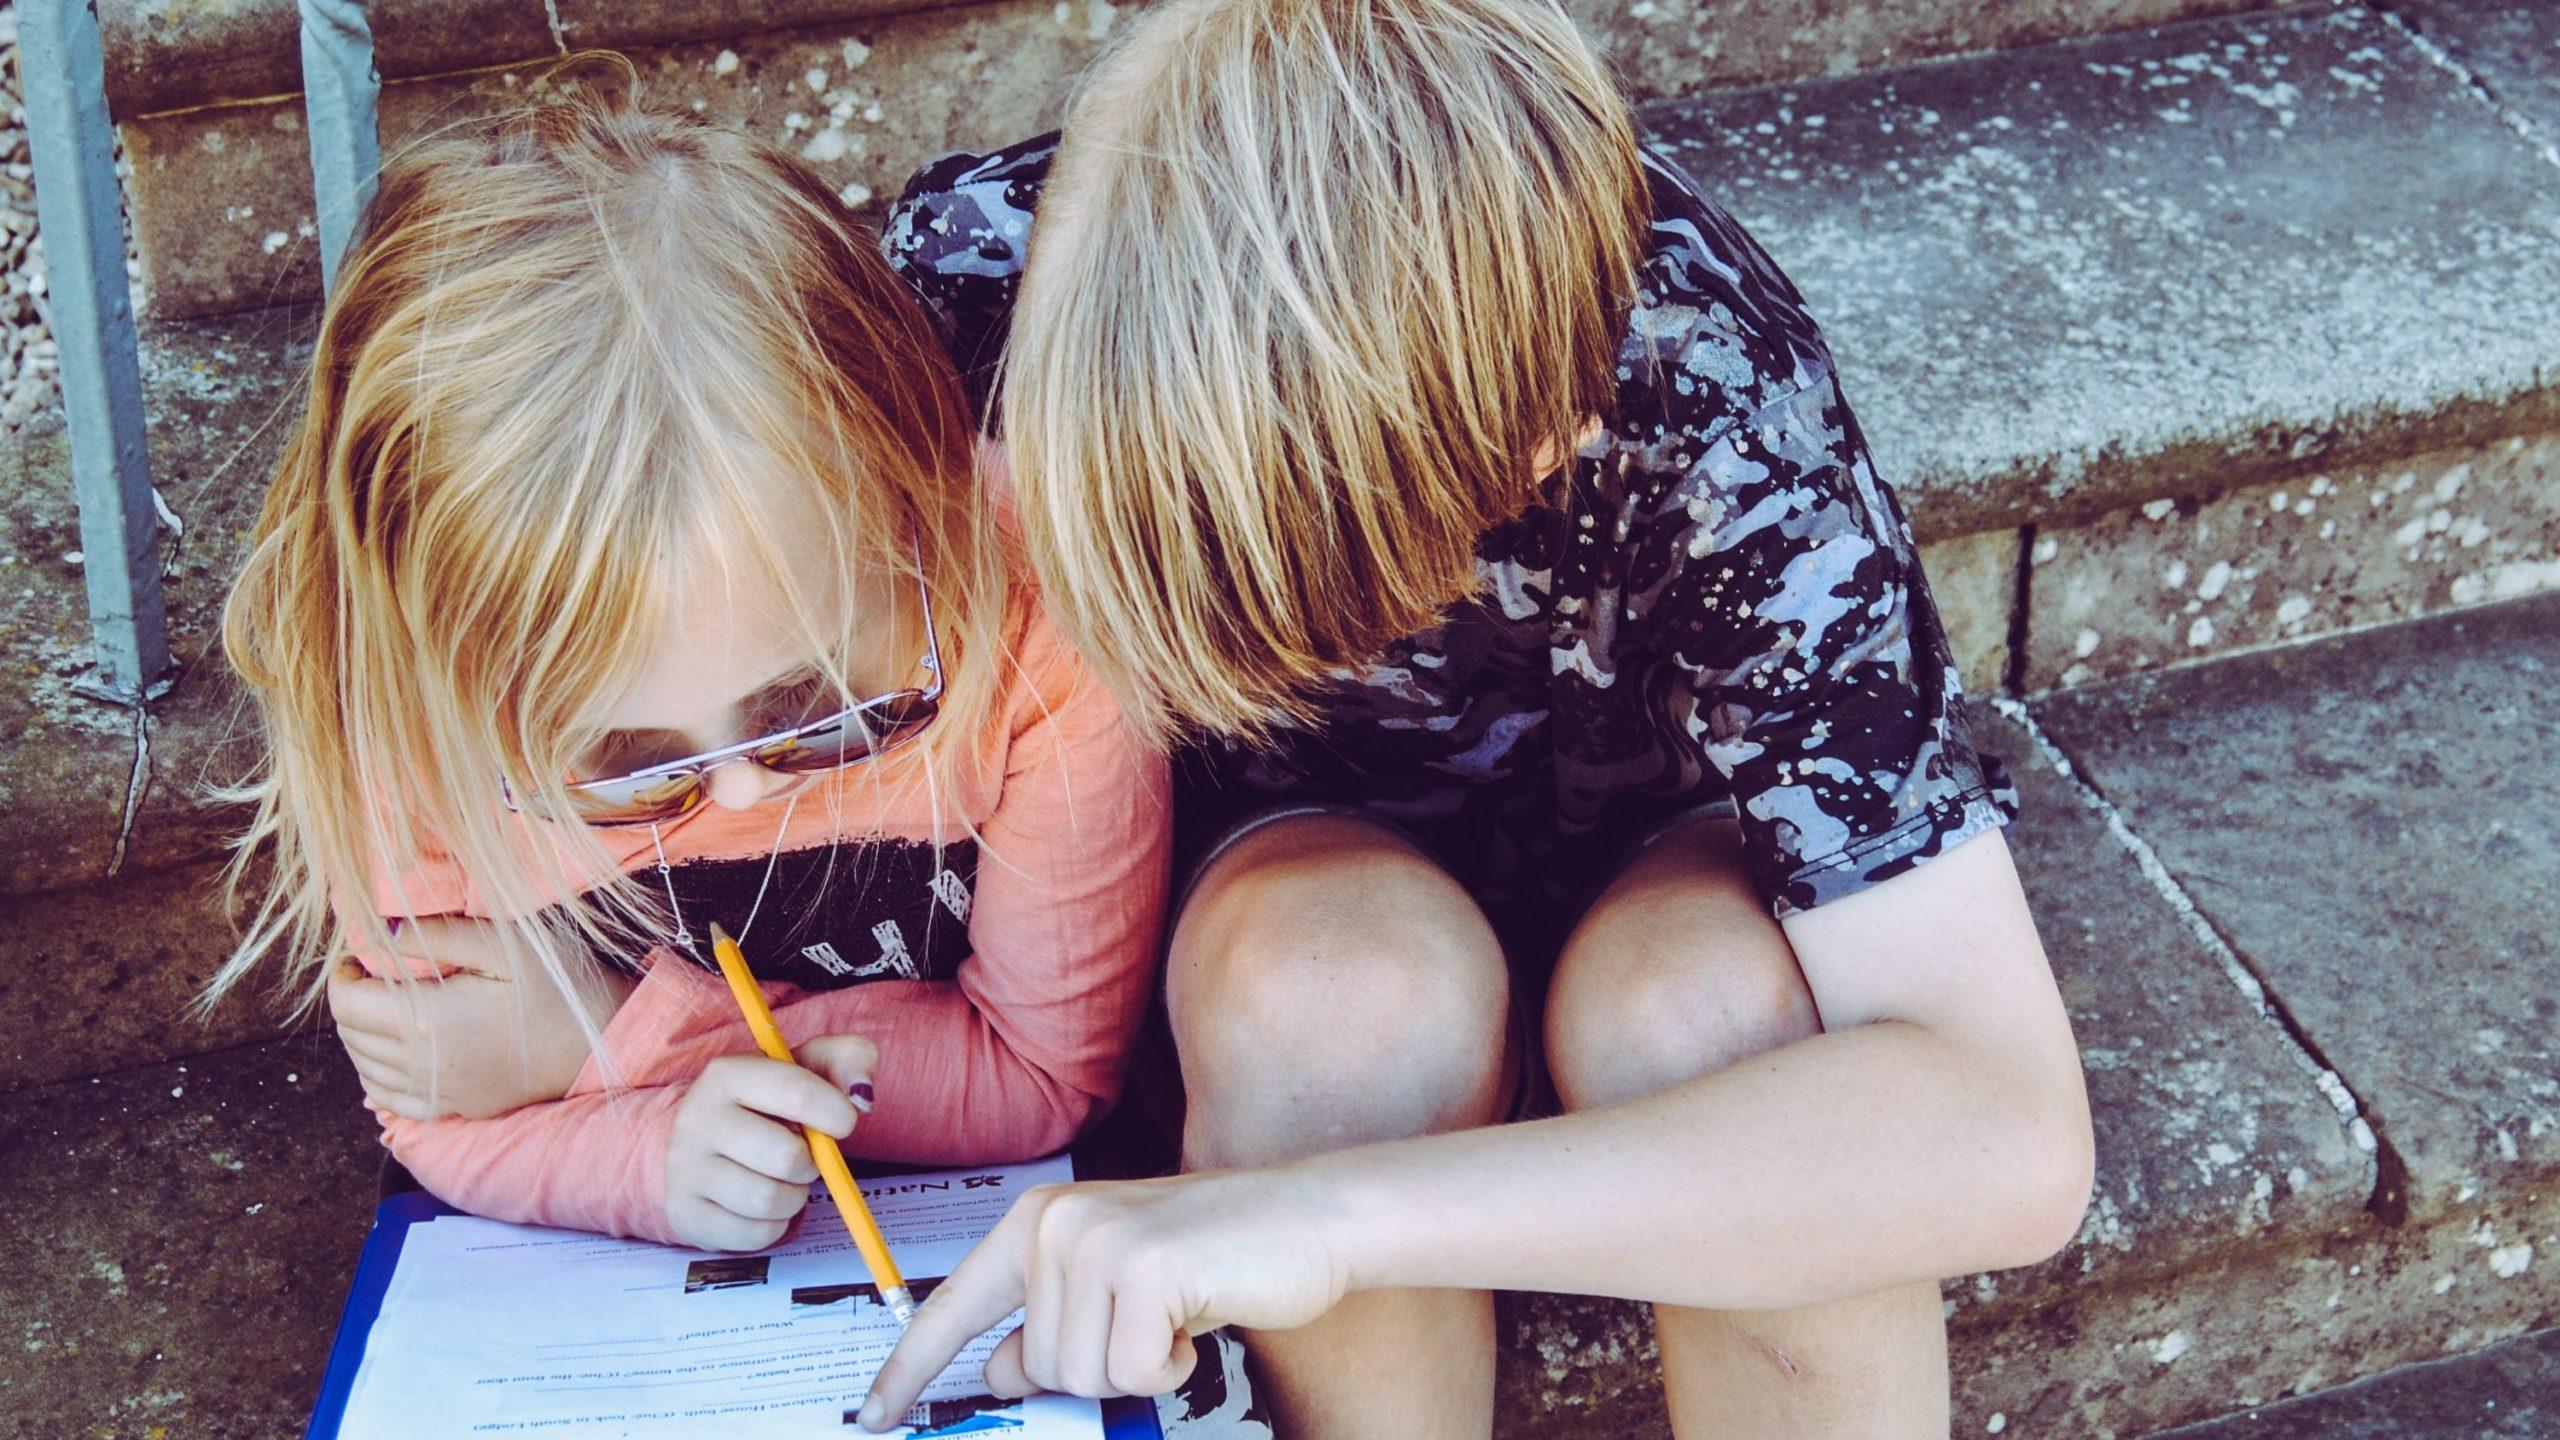 Medienkompetenz: Das Bild zeigt einen Jungen und ein Mädchen. Sie spielen gemeinsam.